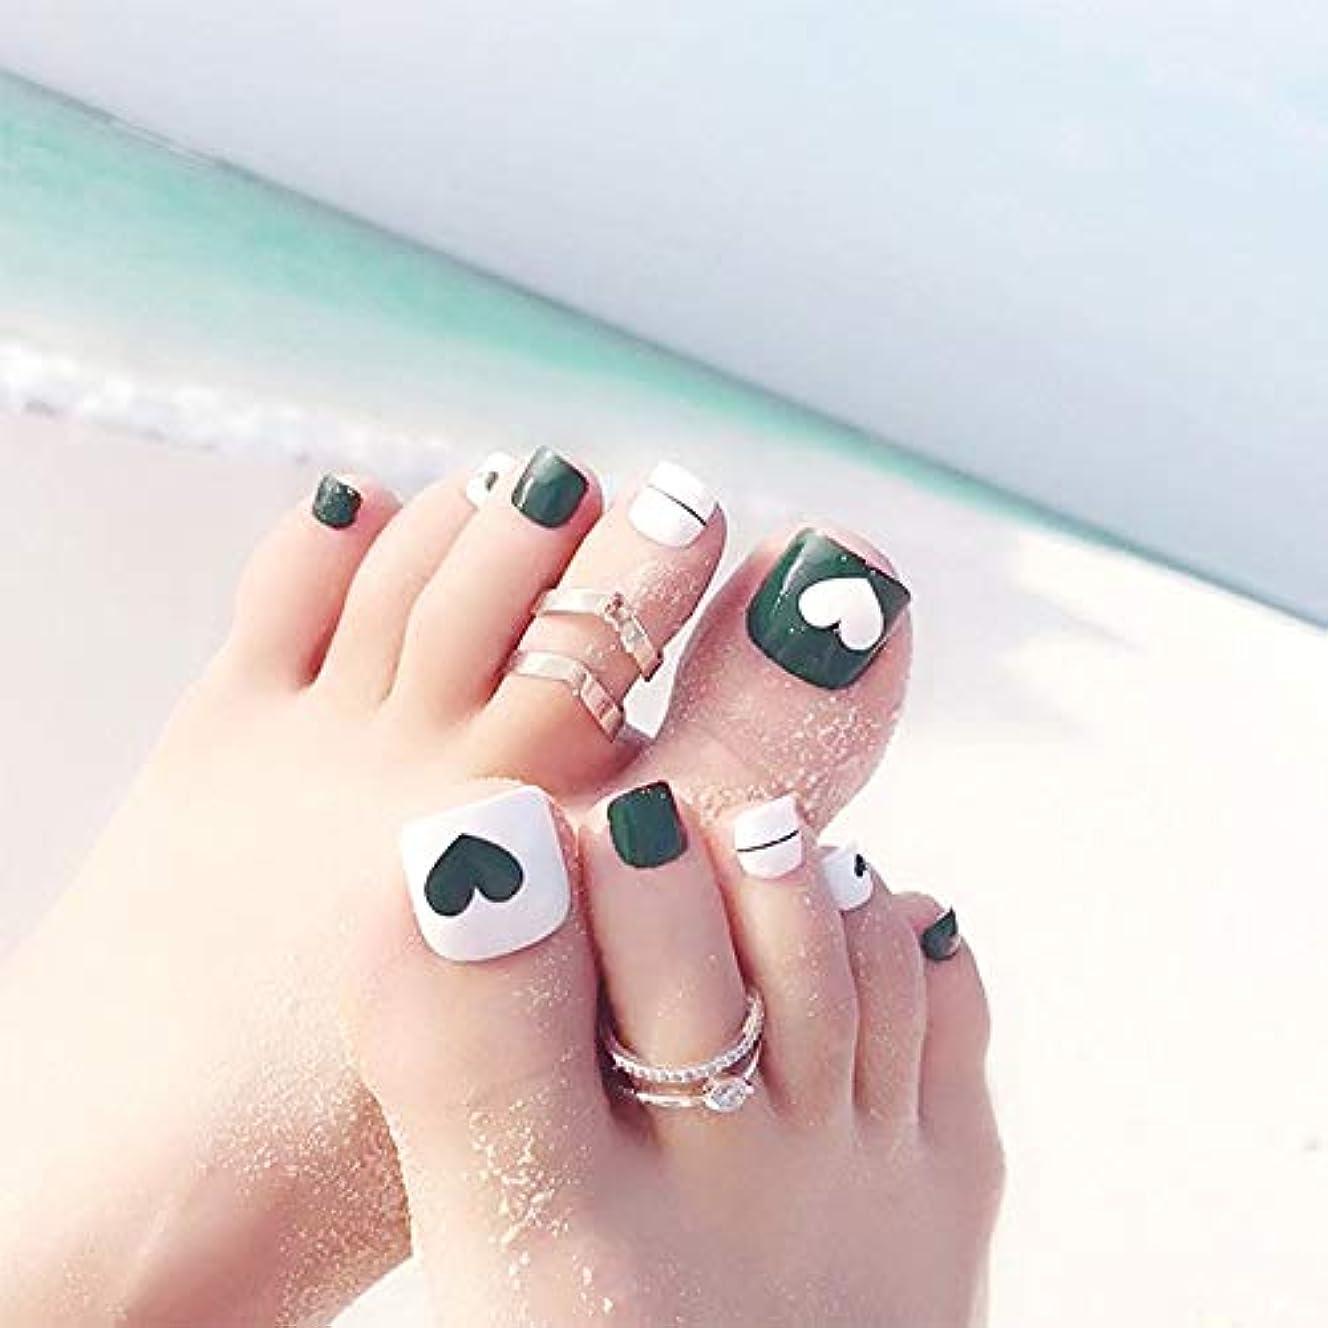 に同意する包帯貝殻XUTXZKA 緑色のネイルアートのヒントホリデービーチフットフェイクネイルハート型のパターントレンディなつま先の爪